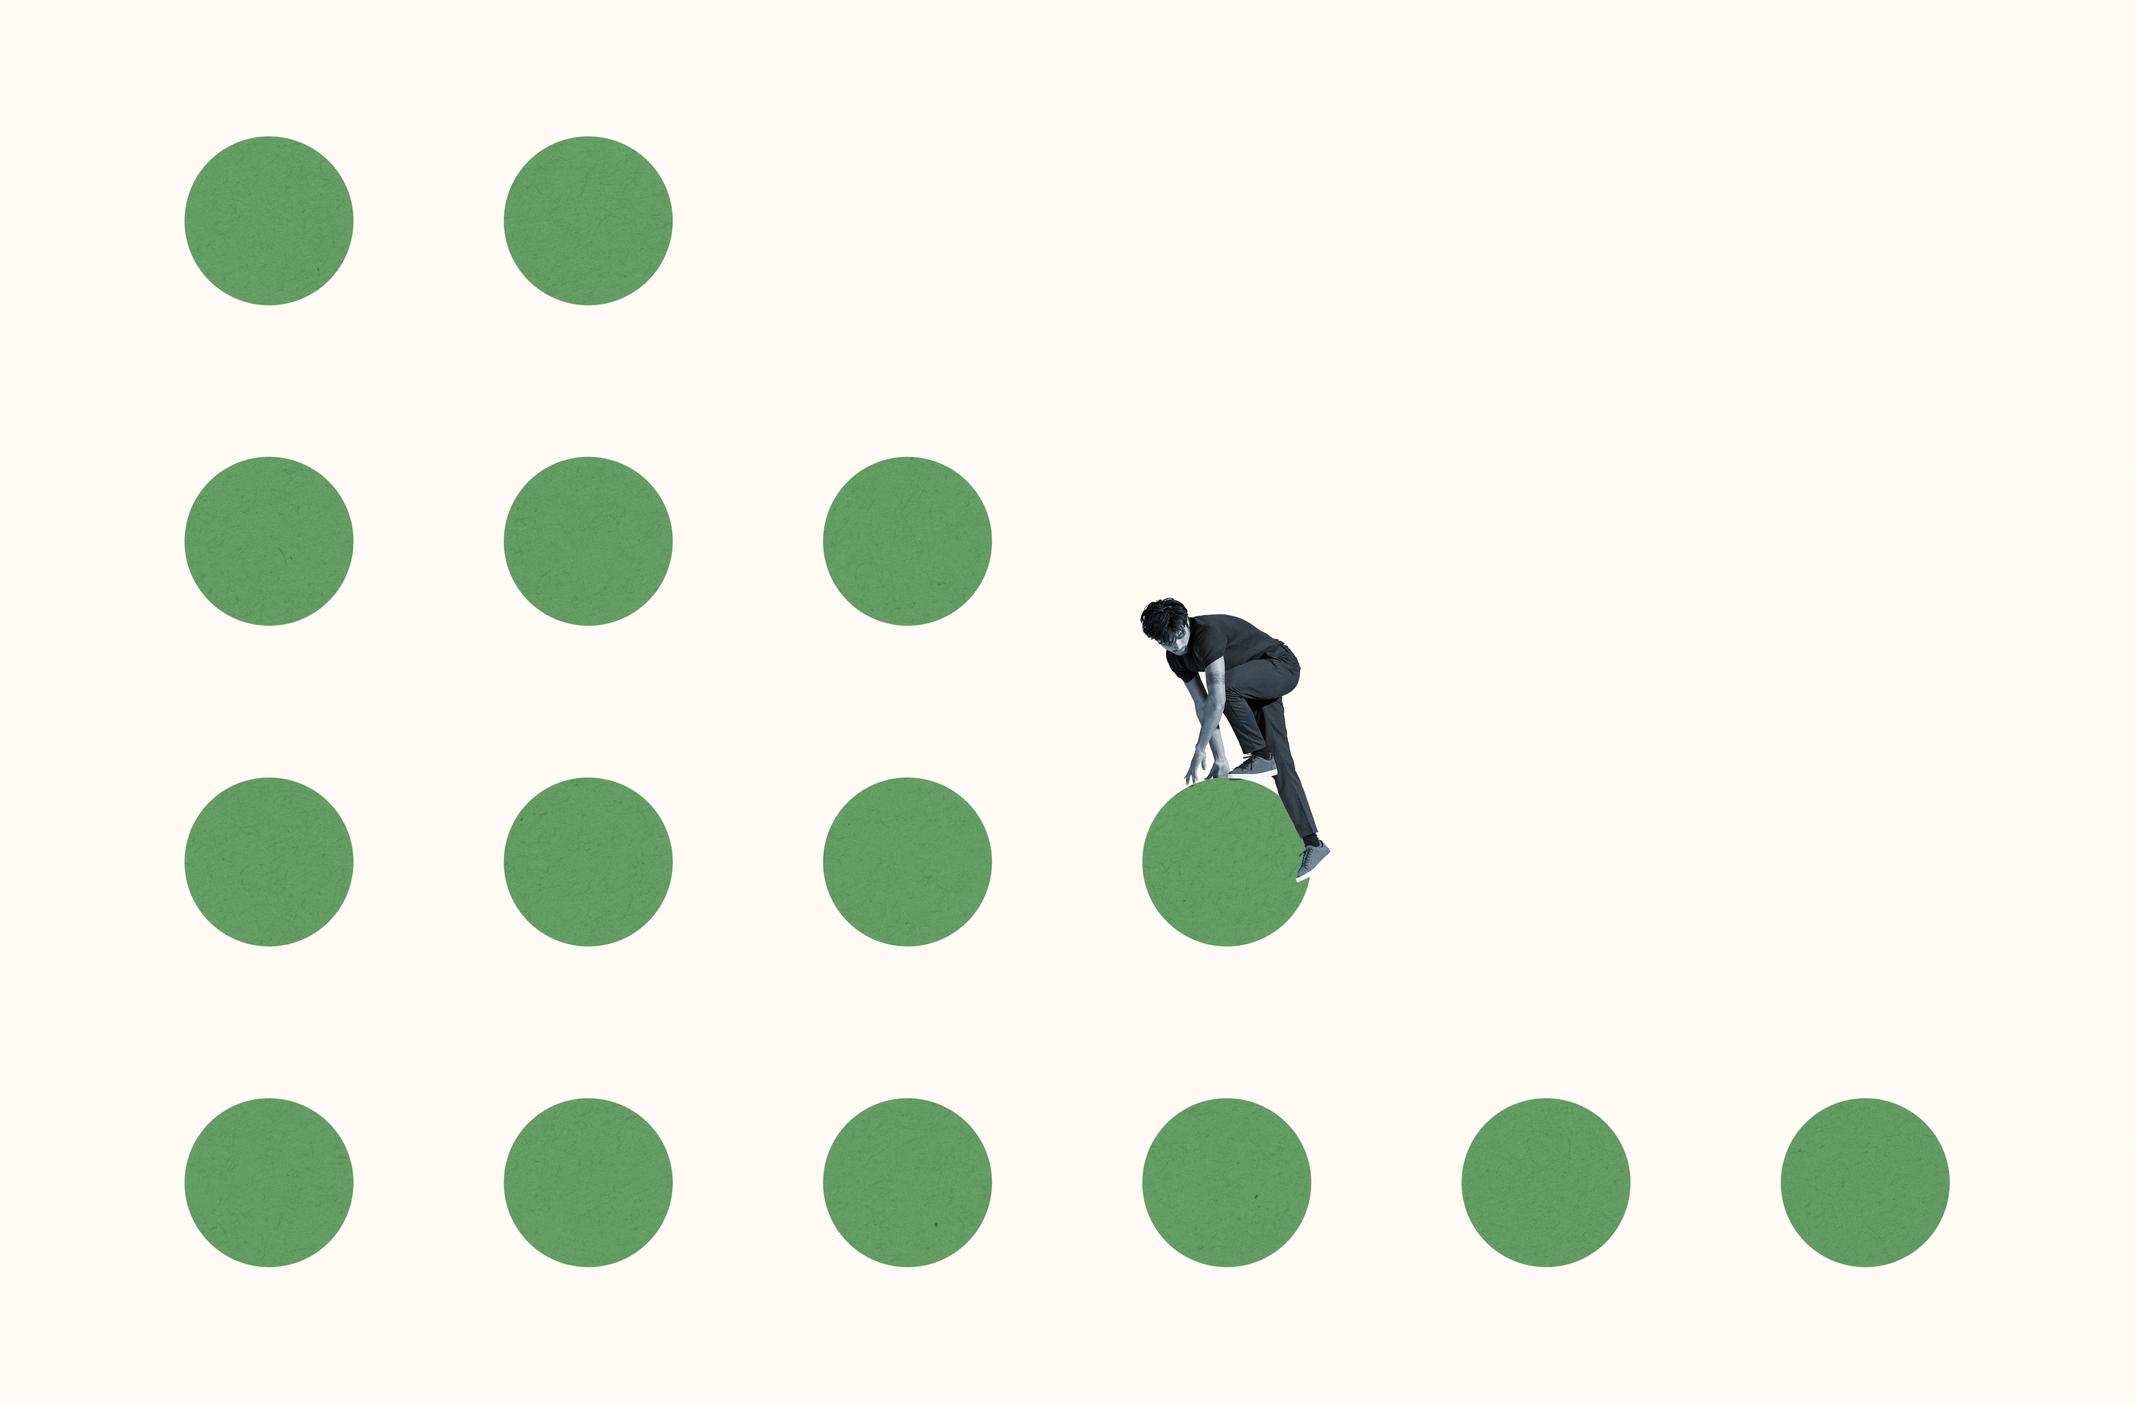 Beyaz arka plana karşı yeşil daireler üzerinde tırmanan genç cesur adam tam uzunlukta